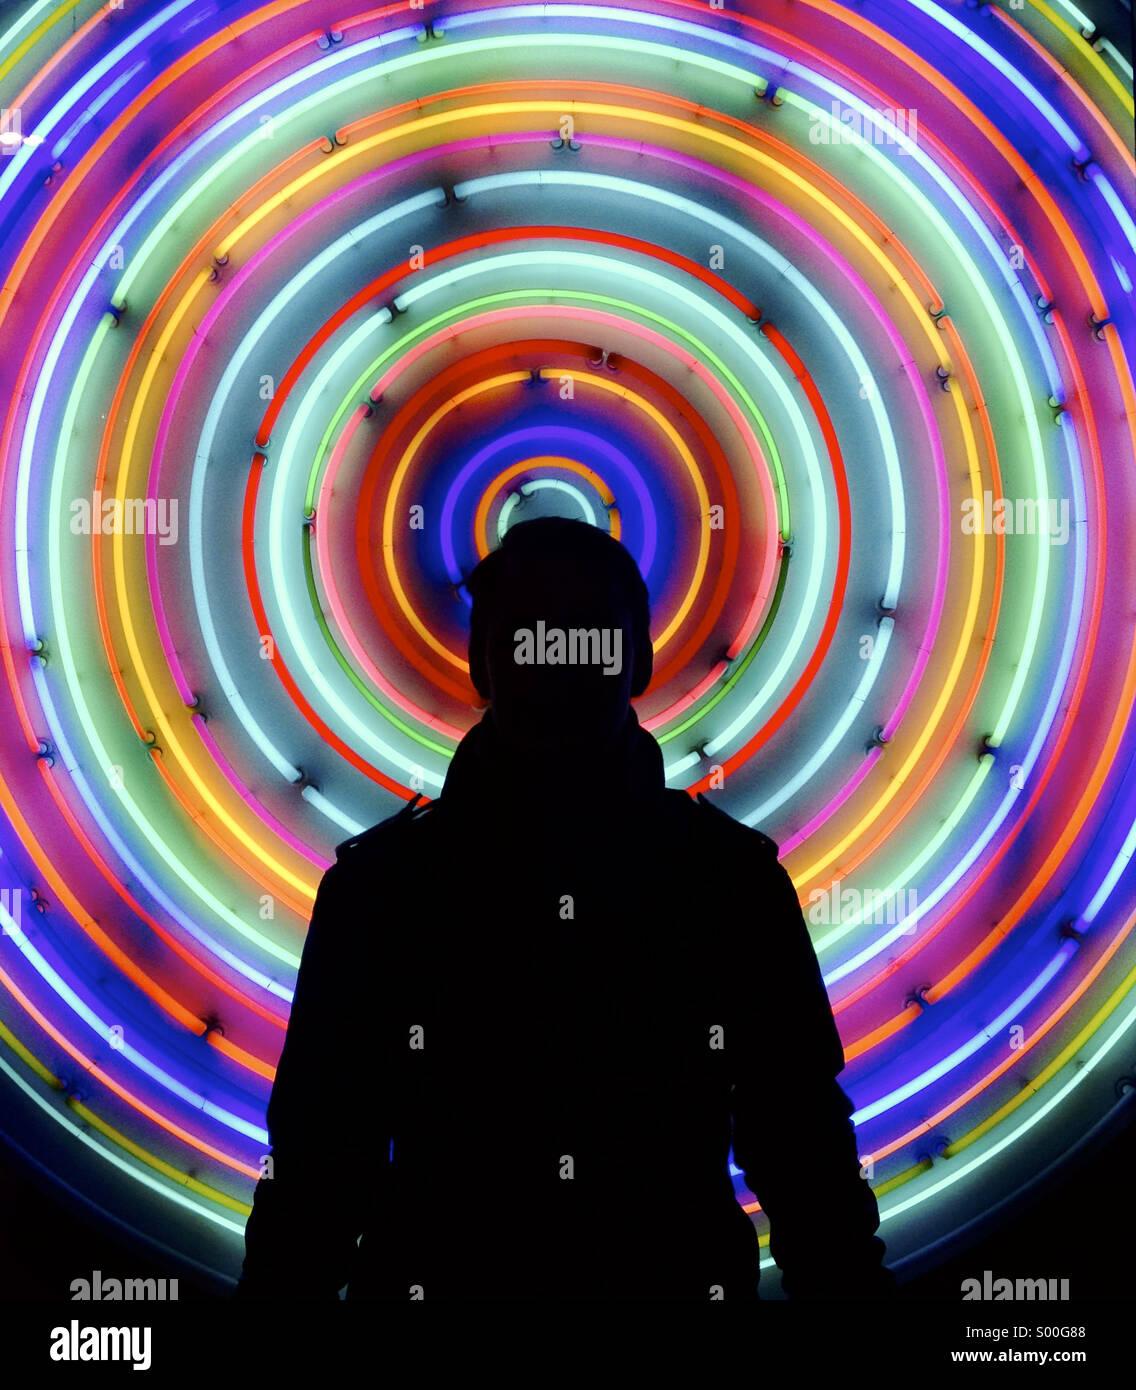 Neon Portrait - Stock Image